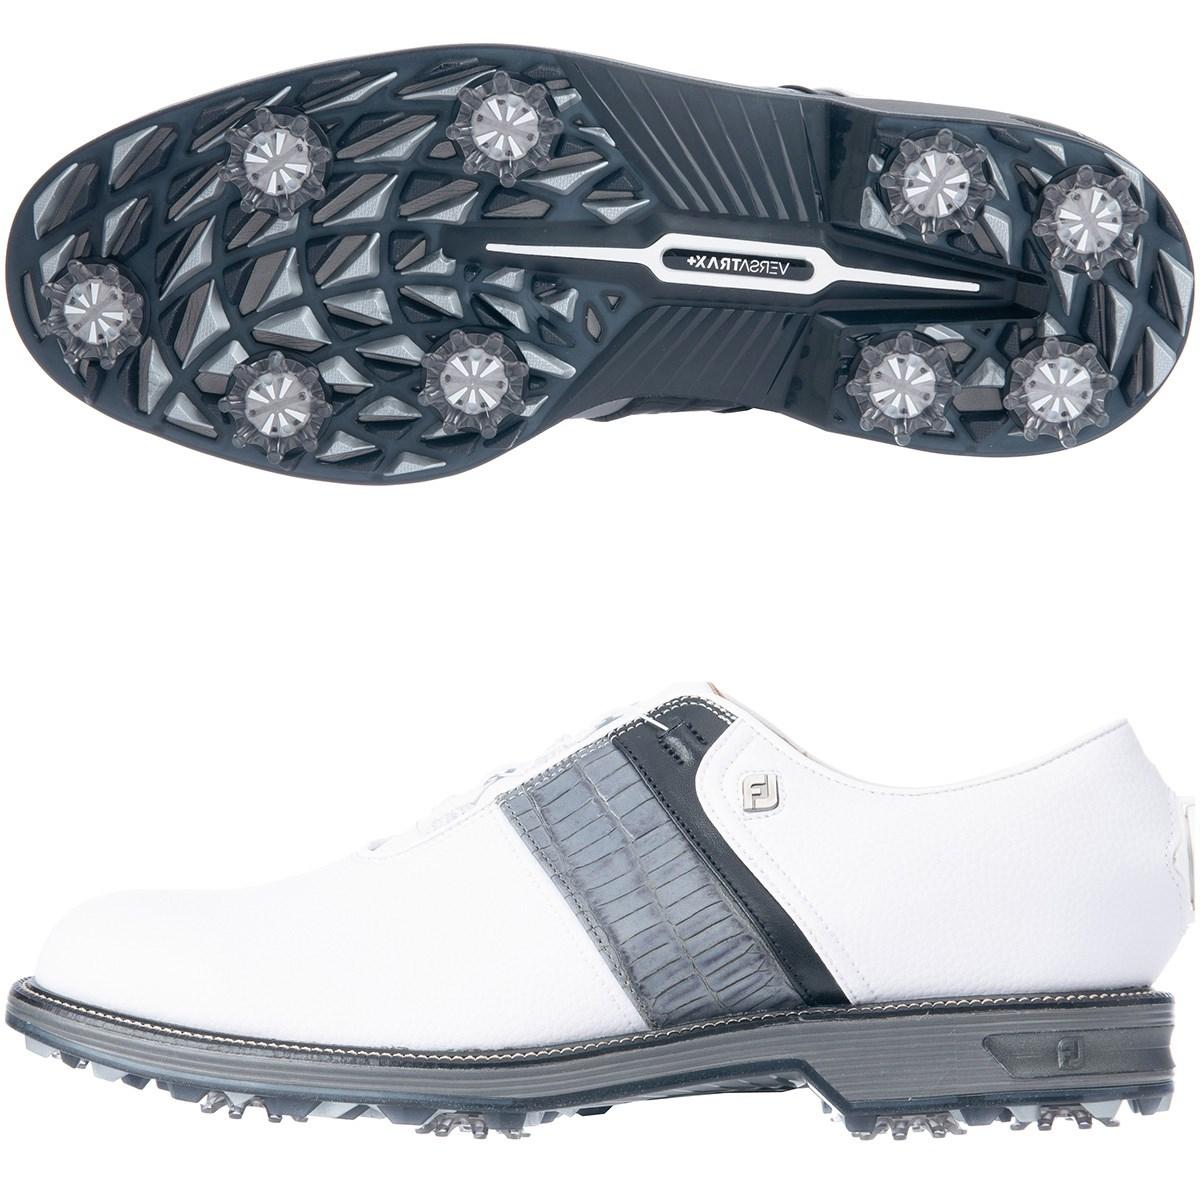 フットジョイ Foot Joy ドライジョイズ プレミア パッカード ボア シューズ 27cm ホワイト/グレー/ブラック